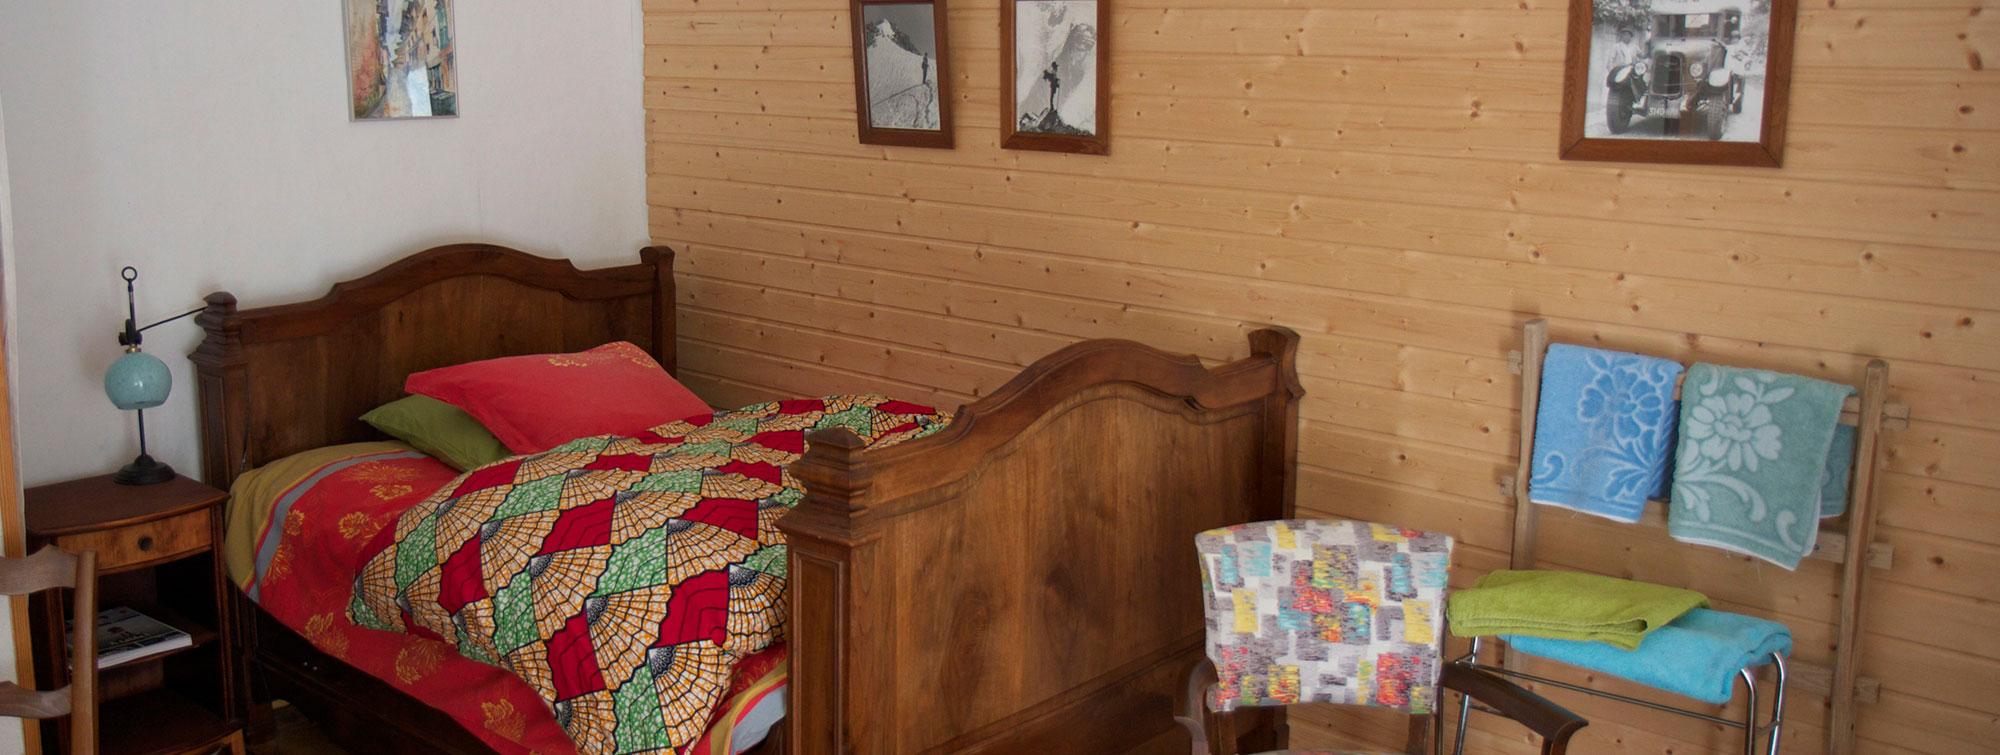 chambre meublé à l'ancienne pour se reposer au calme des nuits montagnardes de Valjouffrey